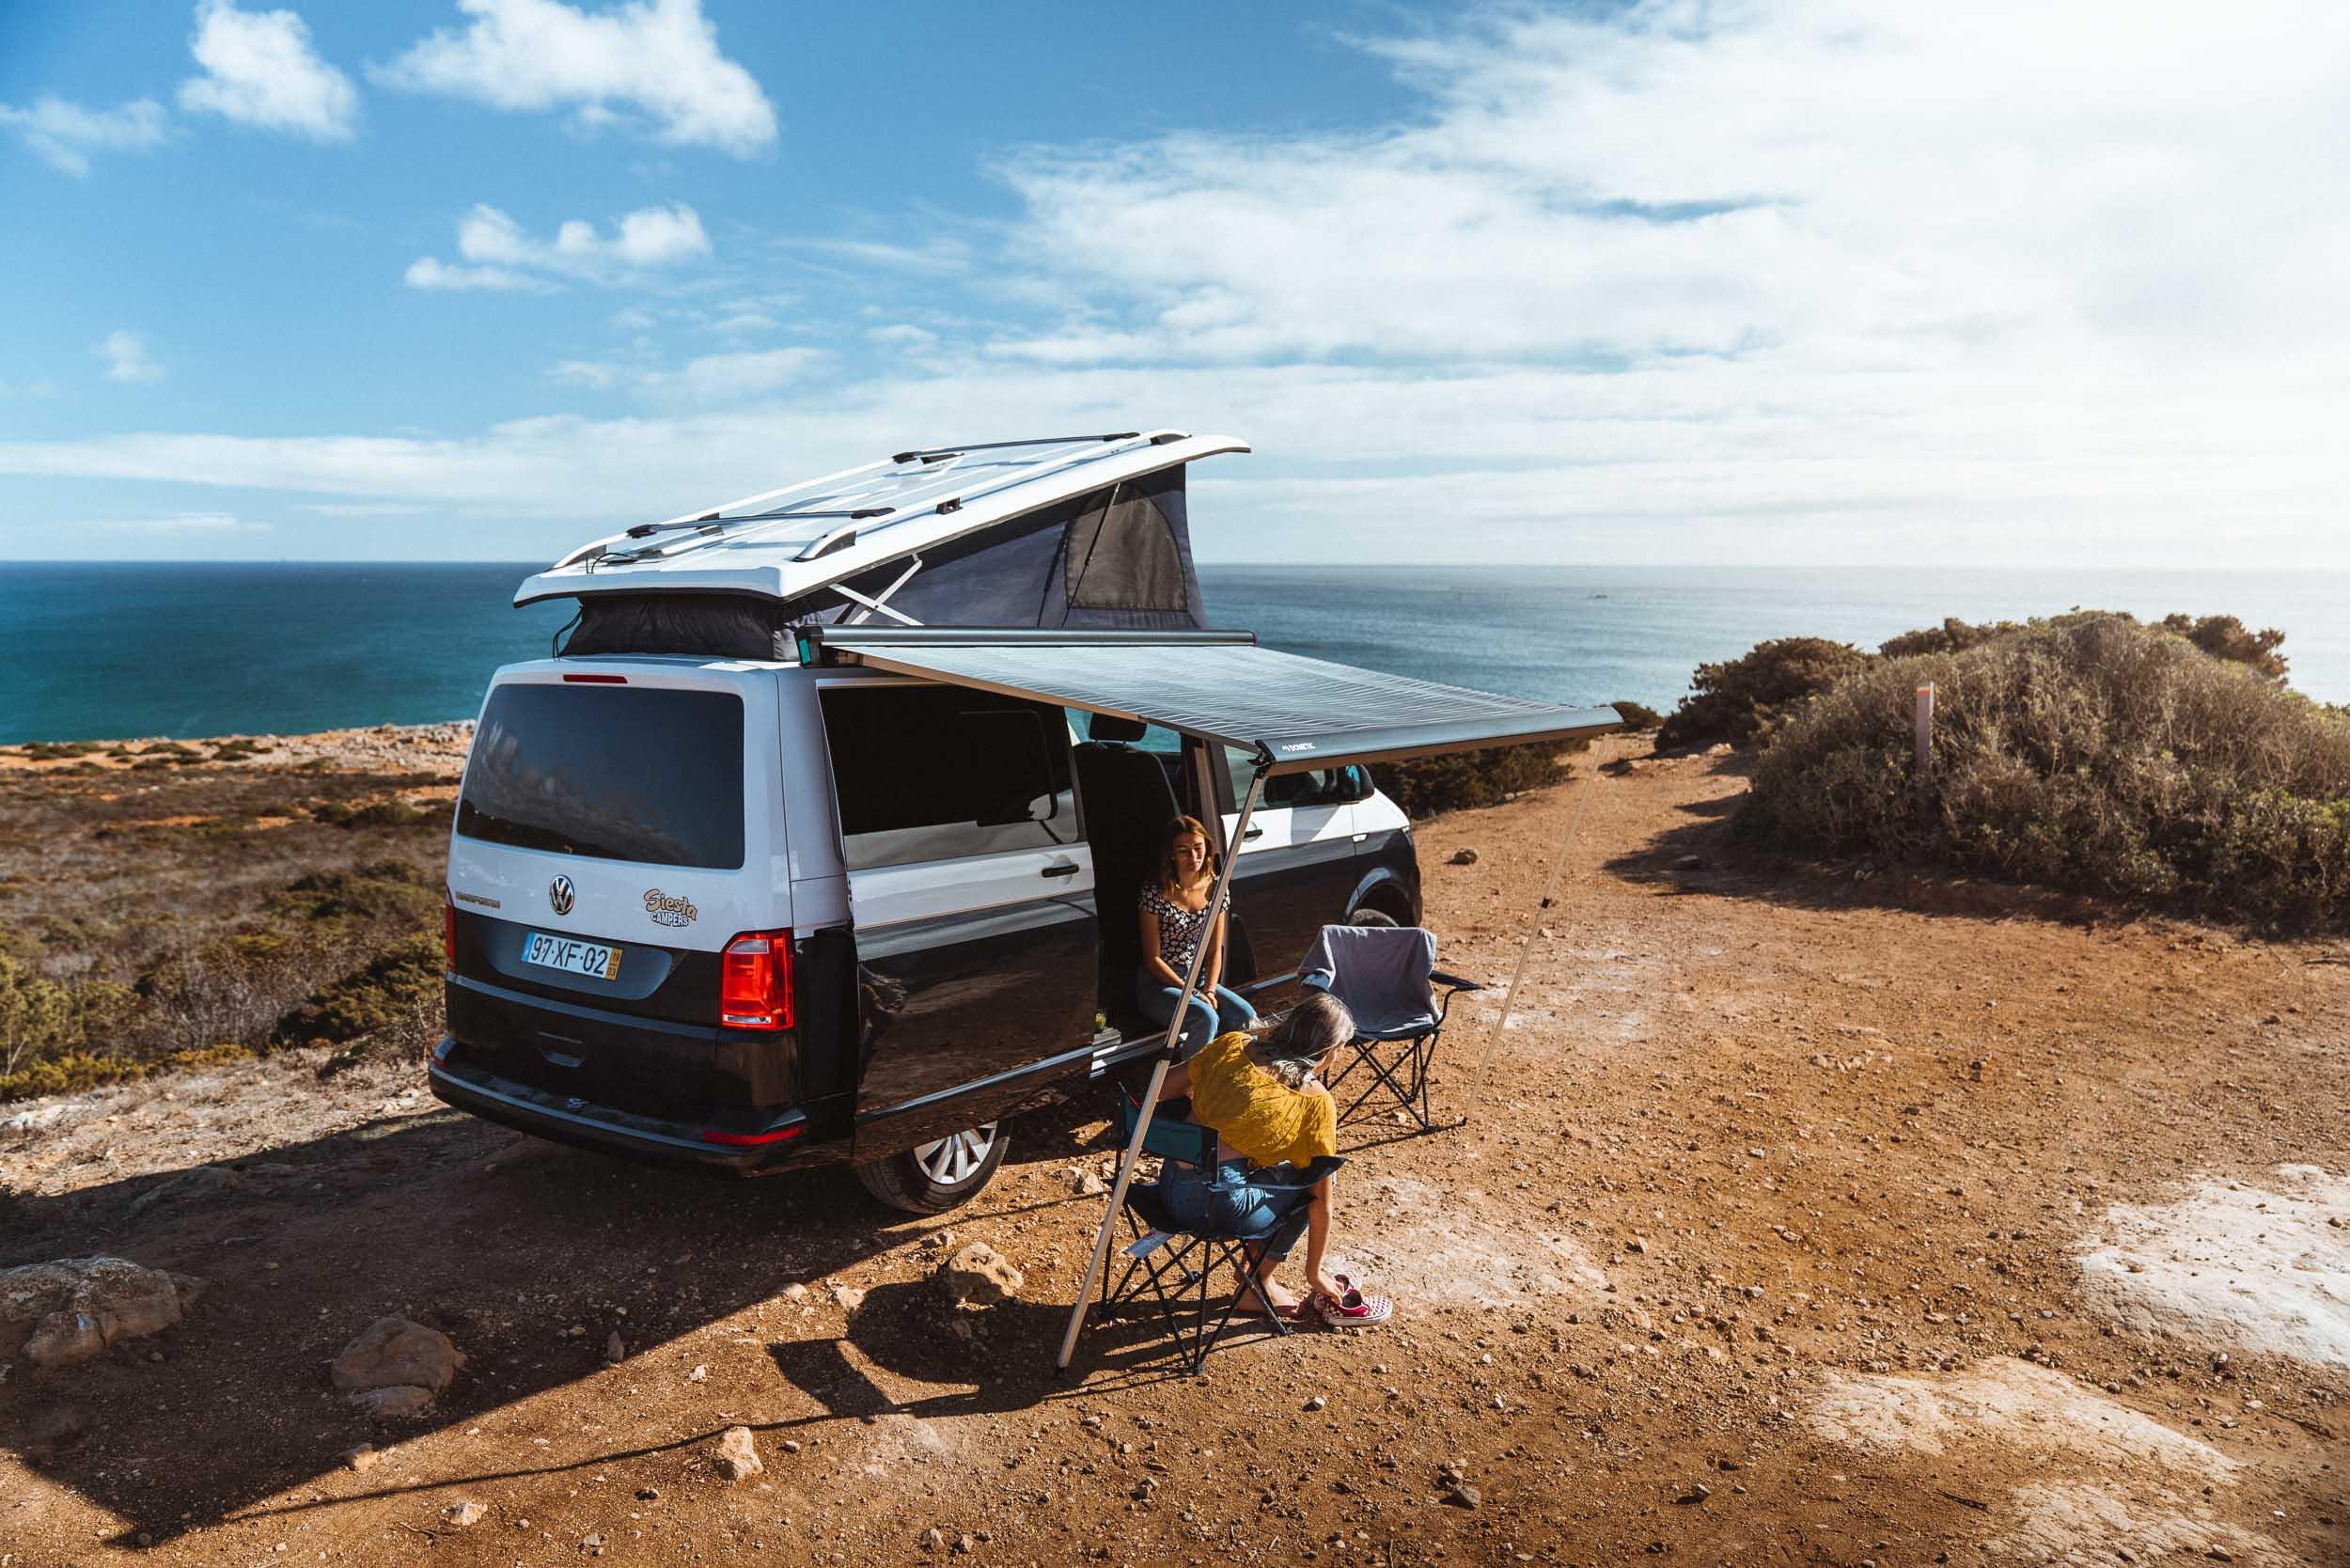 Familien-Camper-Roadtrip zu einem der besten Wildcampingplätza in Portugal.